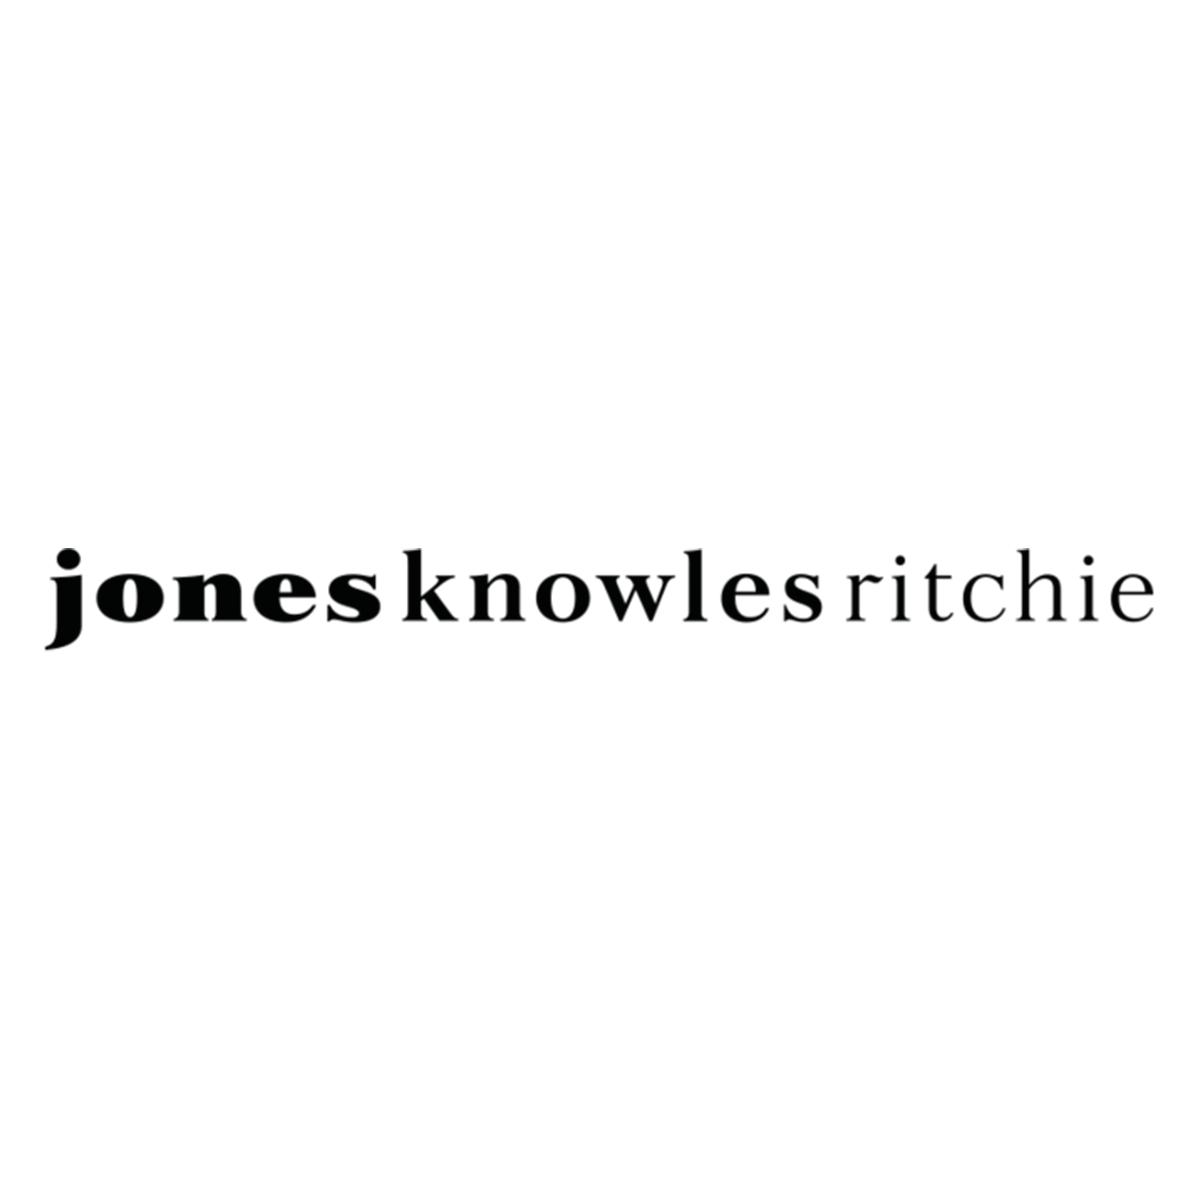 jones knowles ritchie